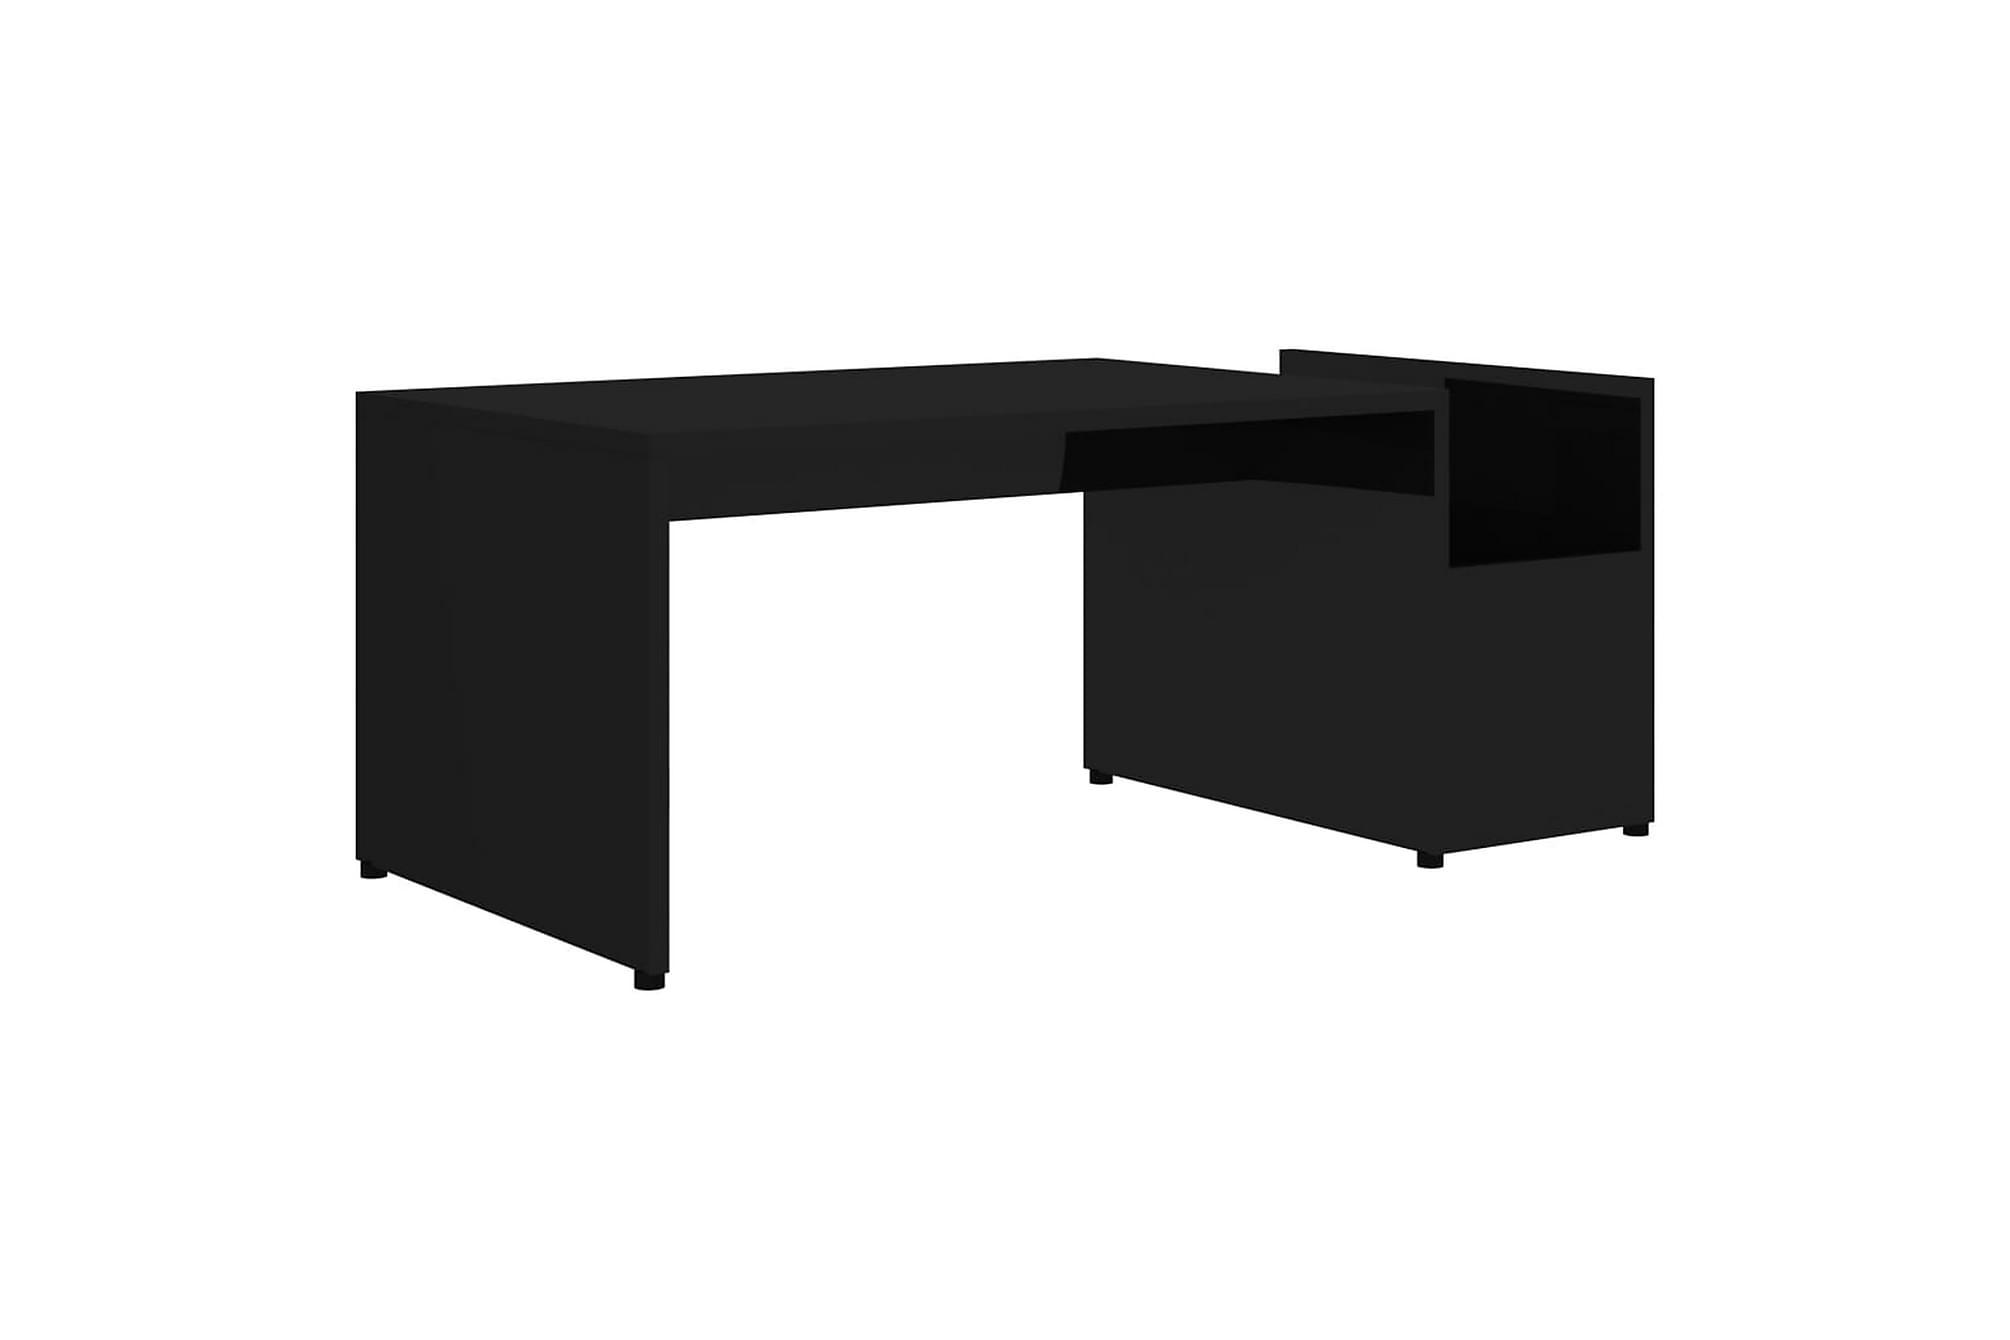 Soffbord svart högglans 90x45x35 cm spånskiva